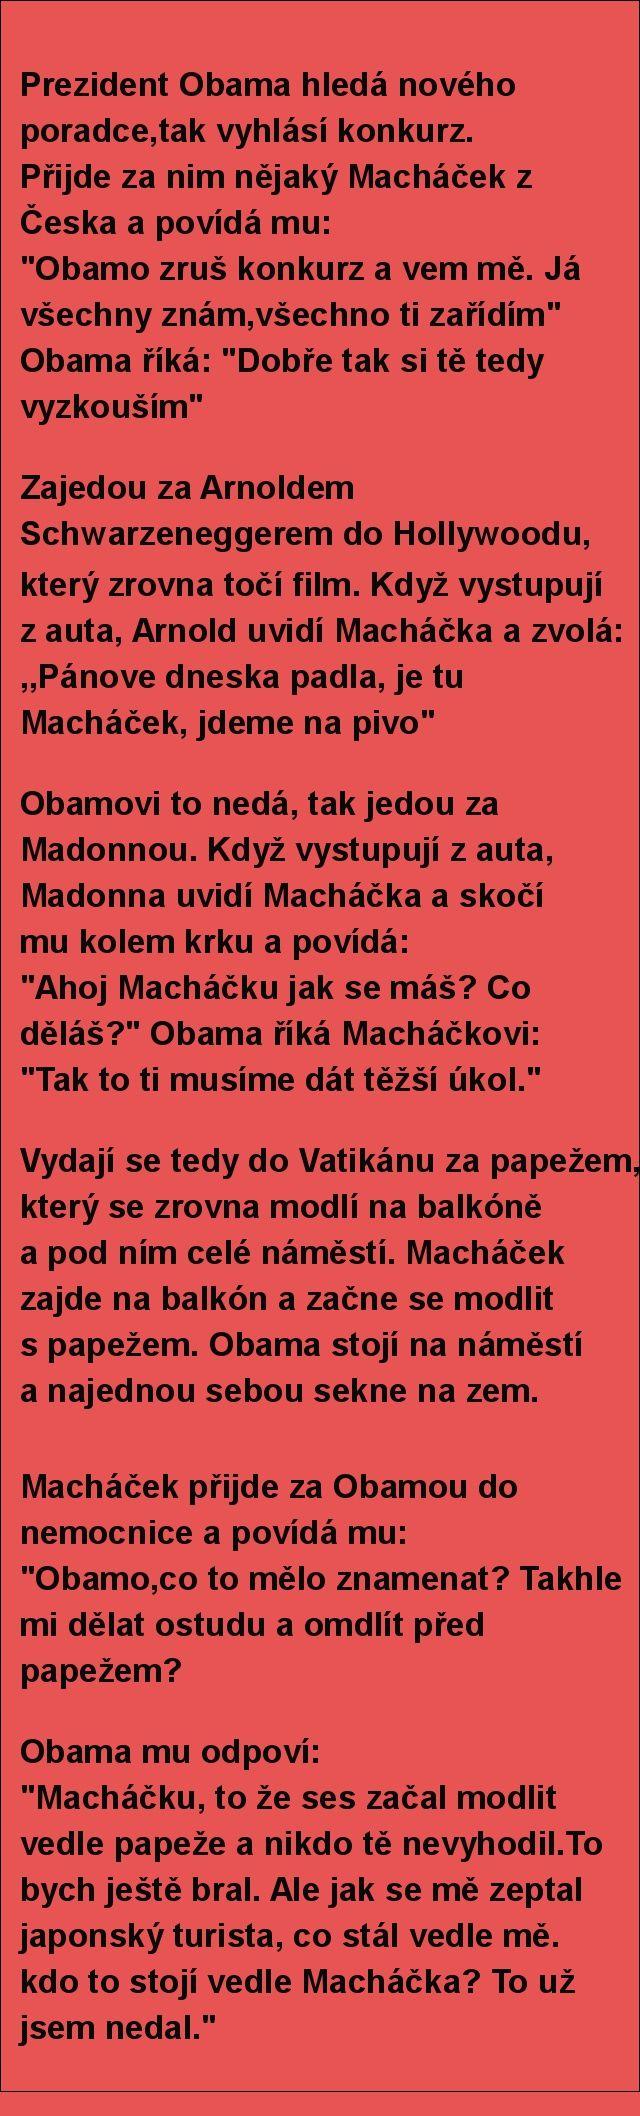 Prezident Obama hledá nového poradce,tak vyhlásí konkurz.. | torpeda.cz - vtipné obrázky, vtipy a videa